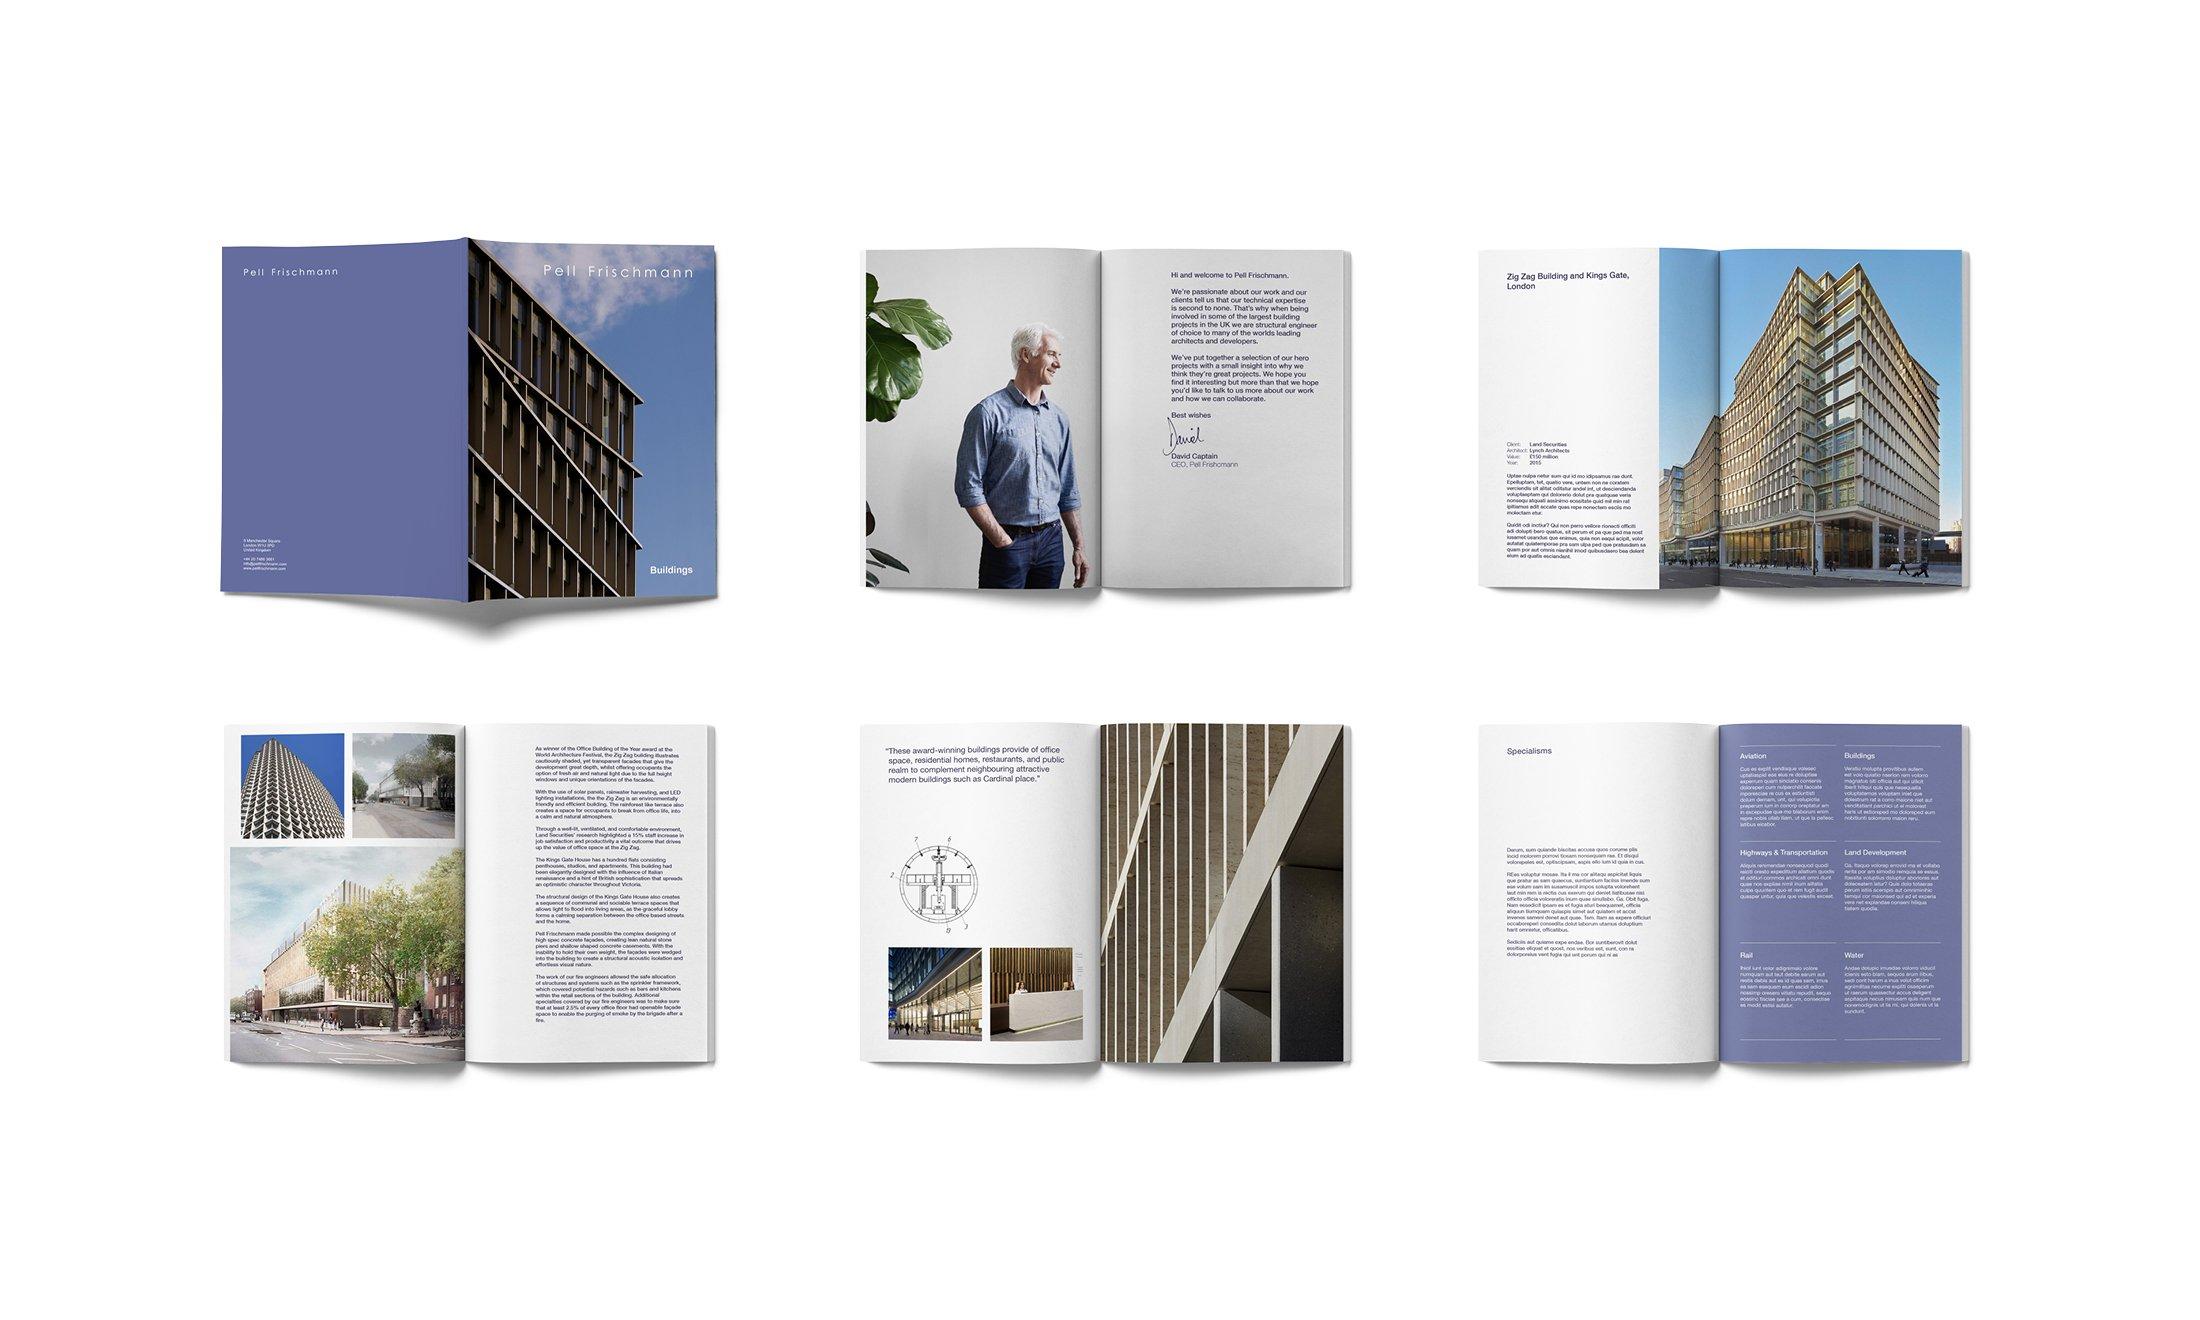 Pell Frischmann Marketing Brochure